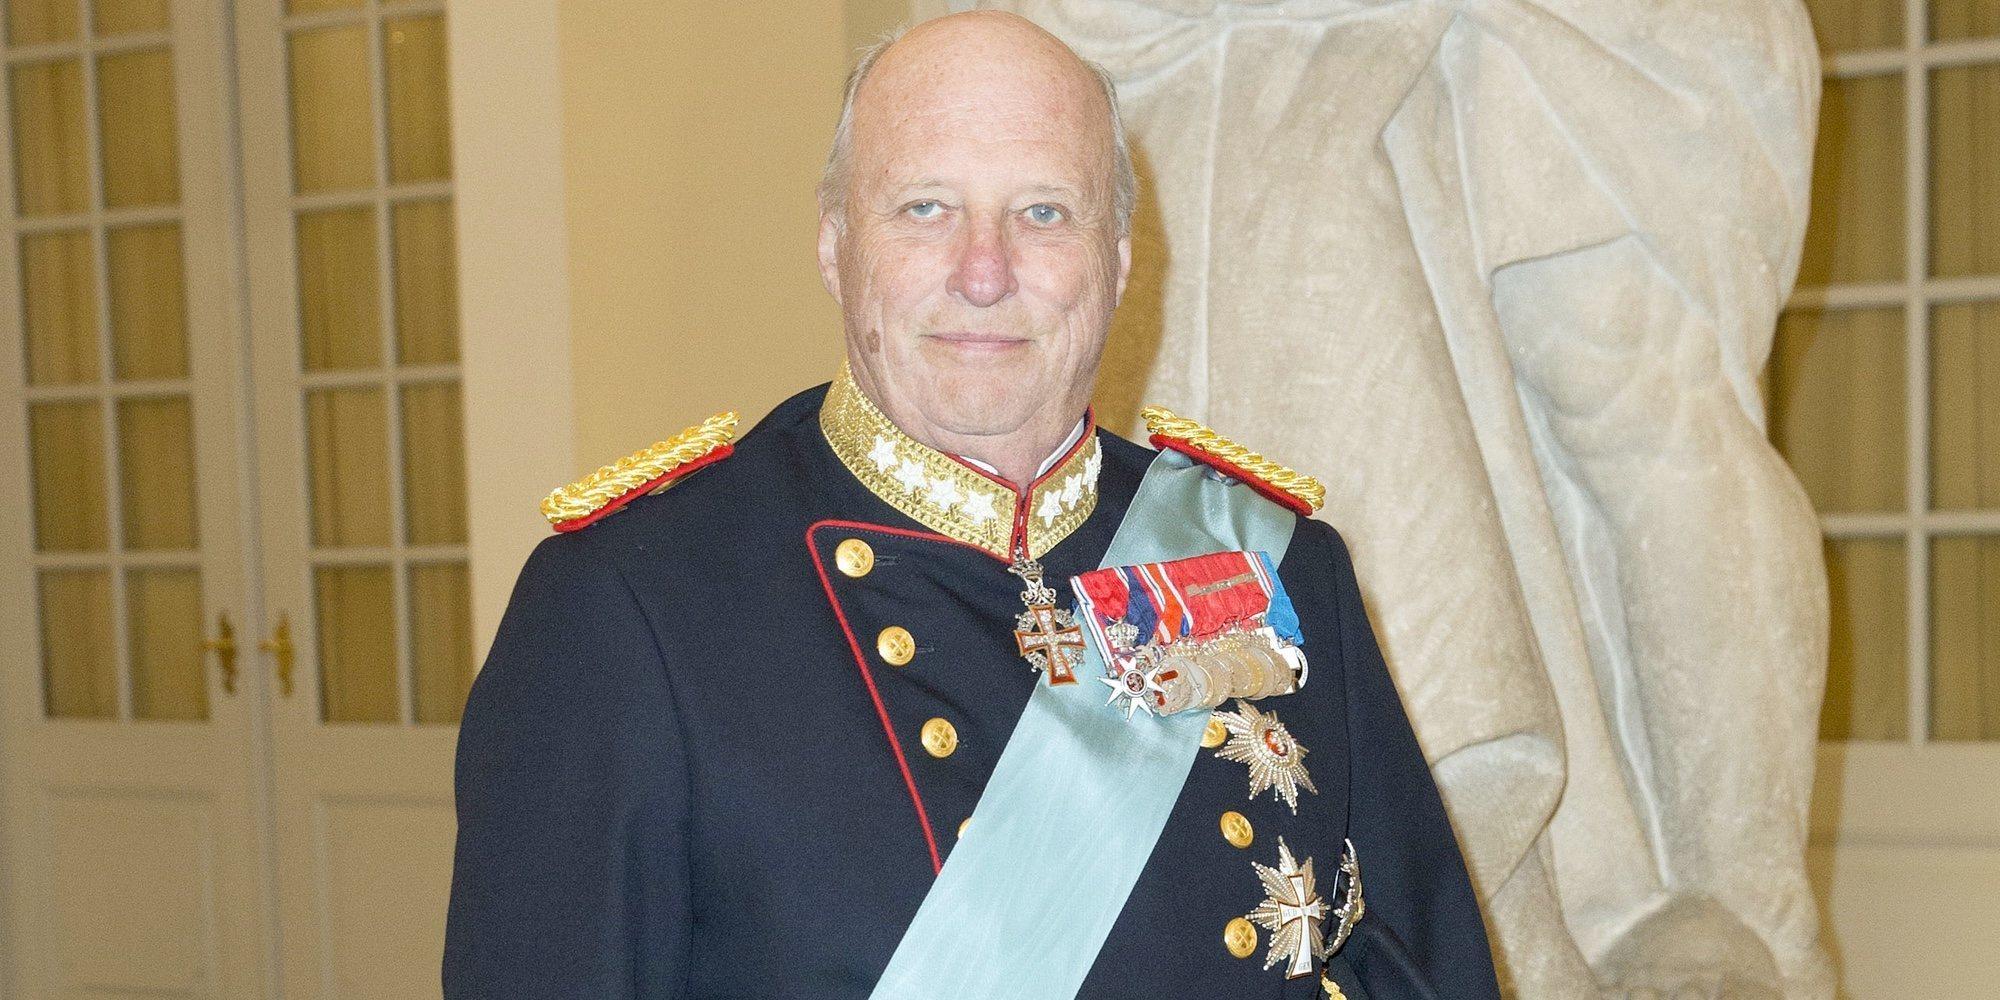 Las confesiones de Harald de Noruega: de su relación con Haakon de Noruega a la muerte de Ari Behn